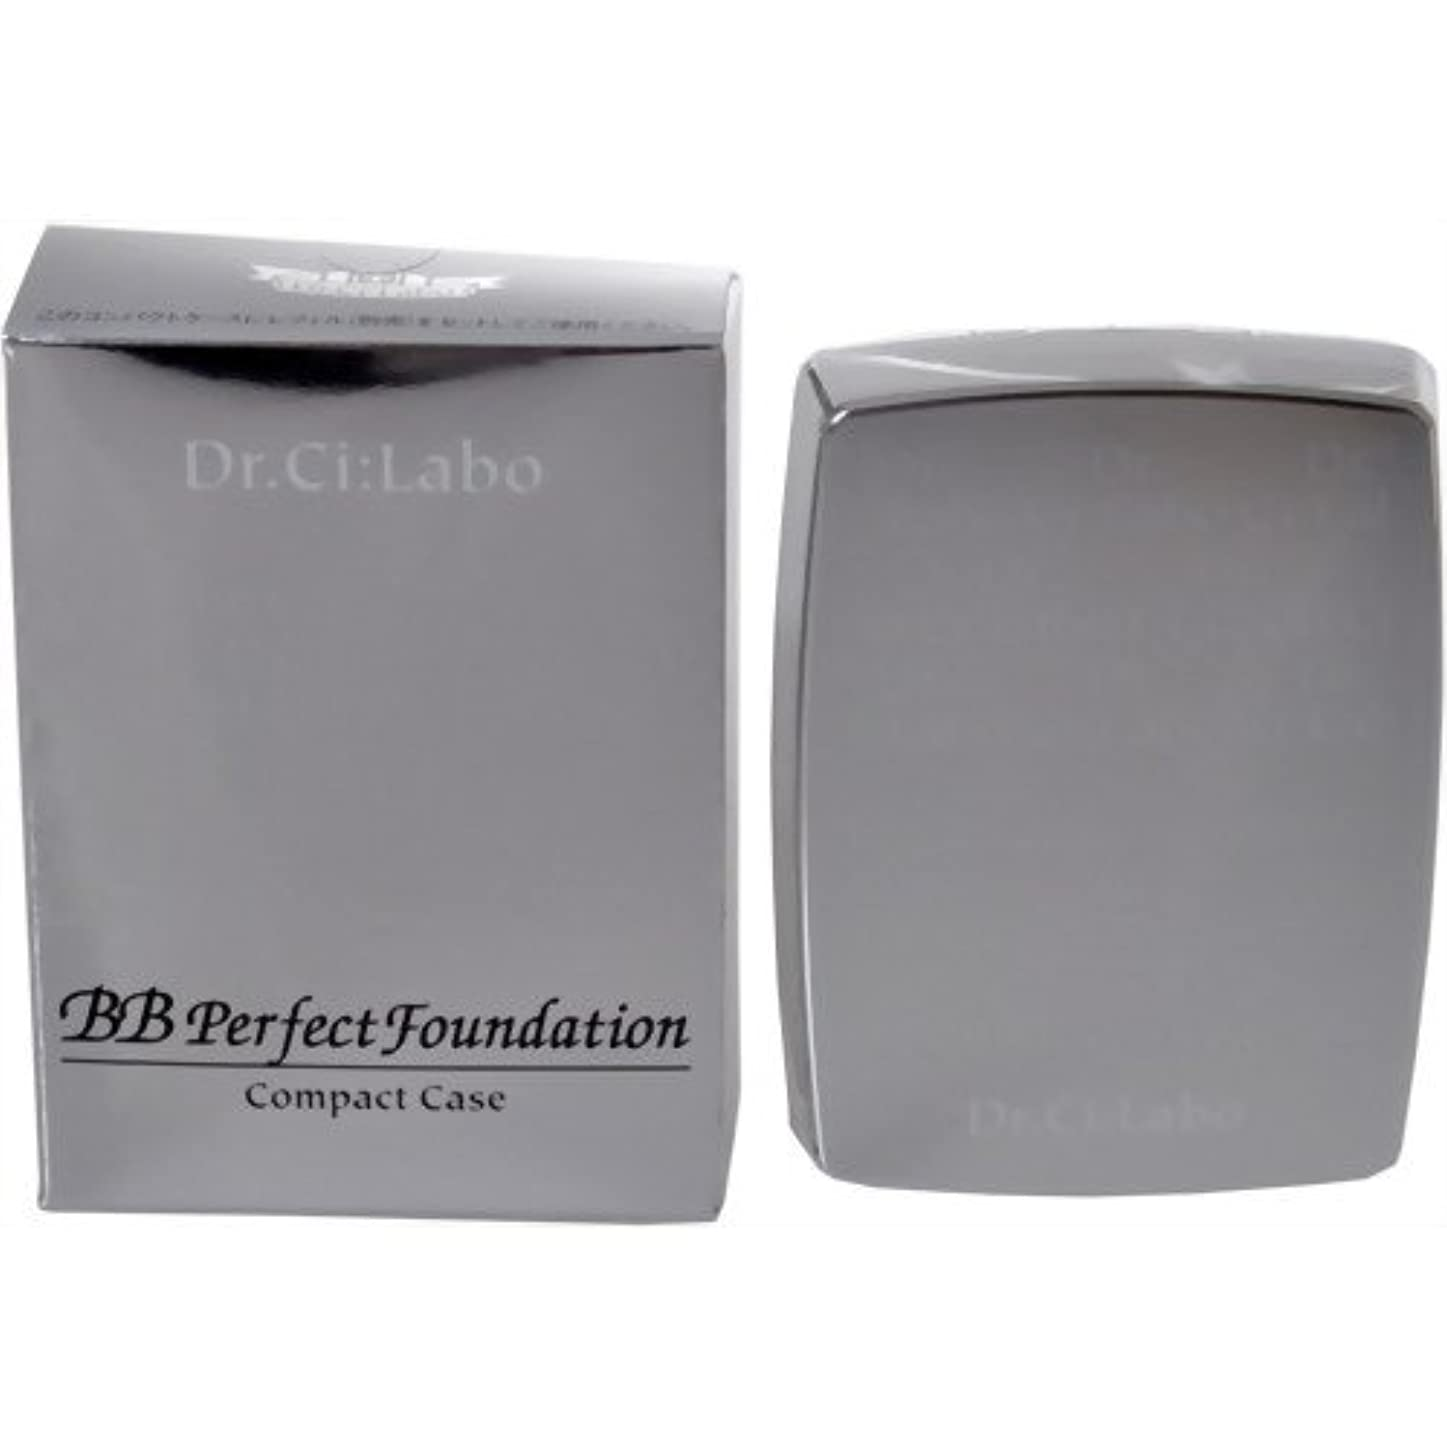 くしゃみフェリーオプションドクターシーラボ BBパーフェクトファンデーション ホワイト377プラス コンパクトケース